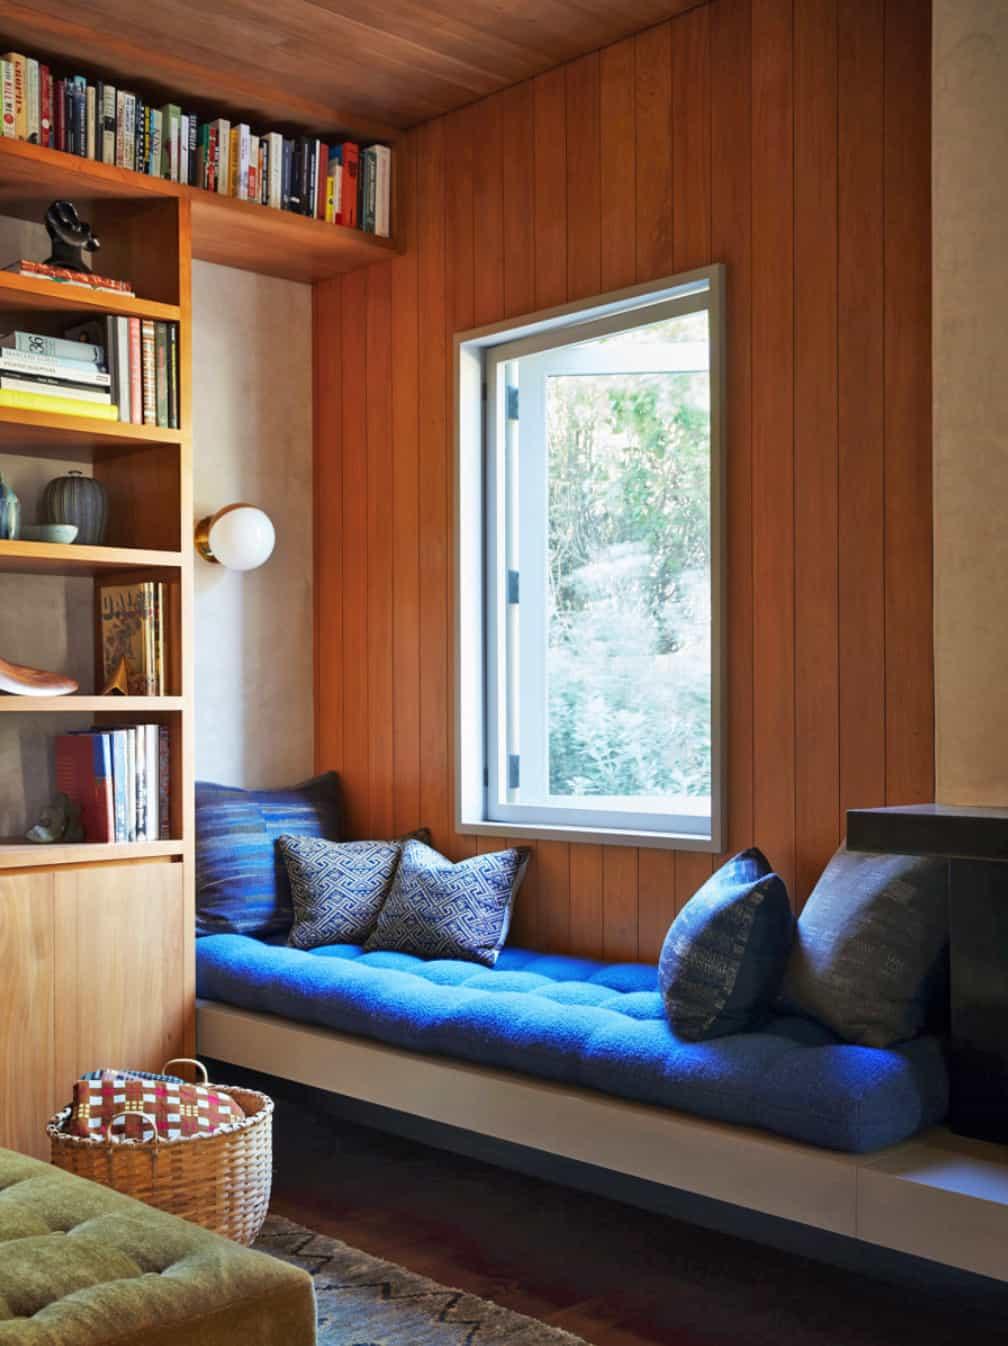 kuća na plaži-dnevna soba-prozor-sjedalo